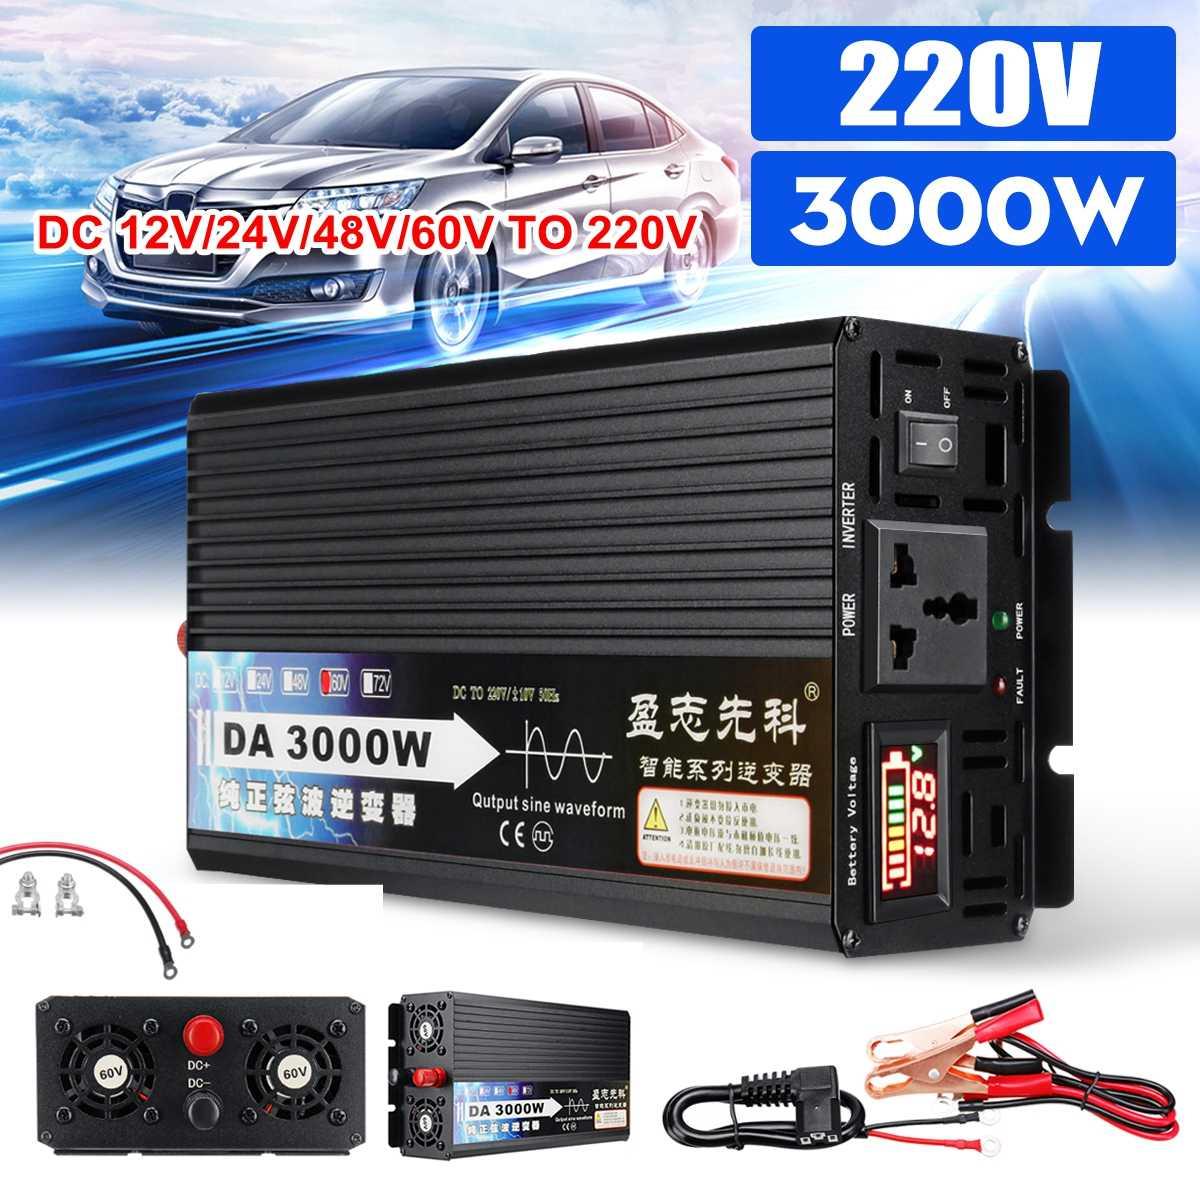 3000W Voltage transformer Pure Sine Wave Power Inverter 12V/24V/48V/60V TO 220V LCD Display Voltage Converter3000W Voltage transformer Pure Sine Wave Power Inverter 12V/24V/48V/60V TO 220V LCD Display Voltage Converter